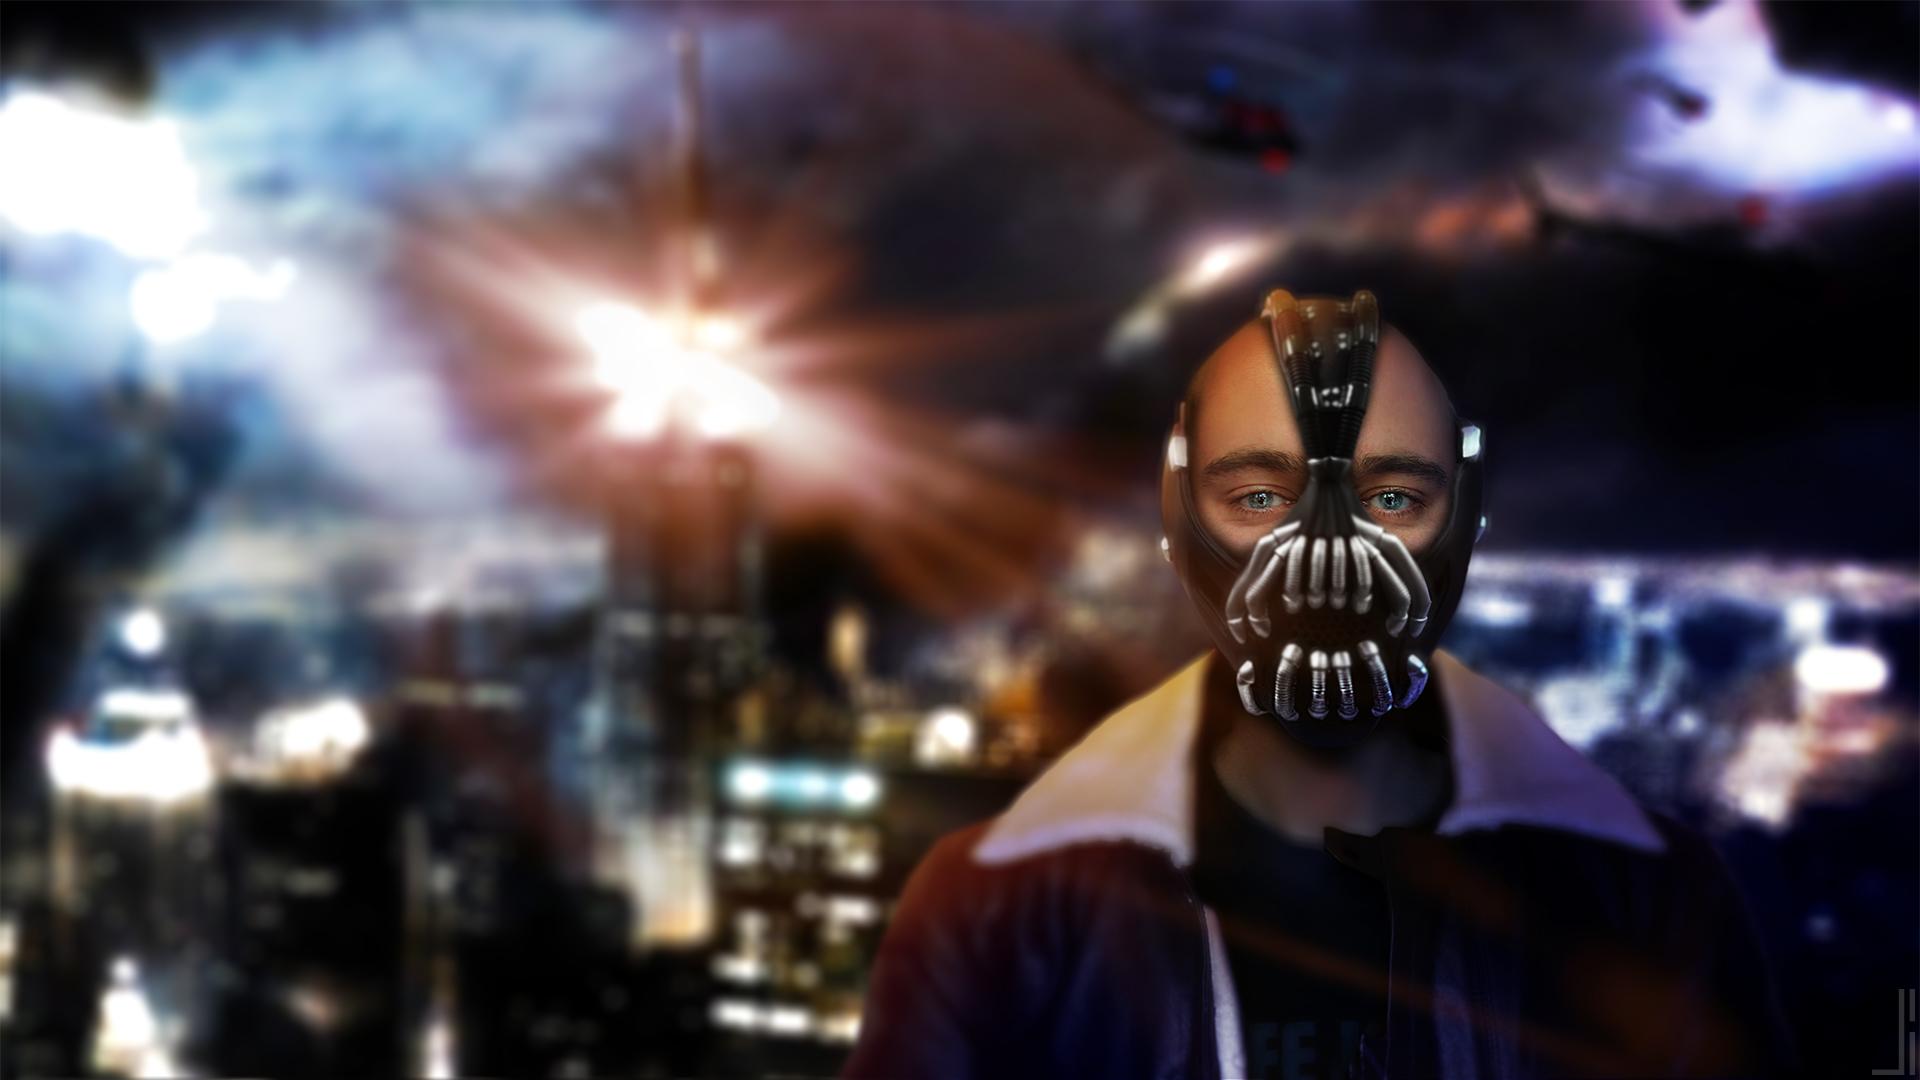 Fotobewerking-jbax-Joris-Bax-Bane-Batman-Na.jpg